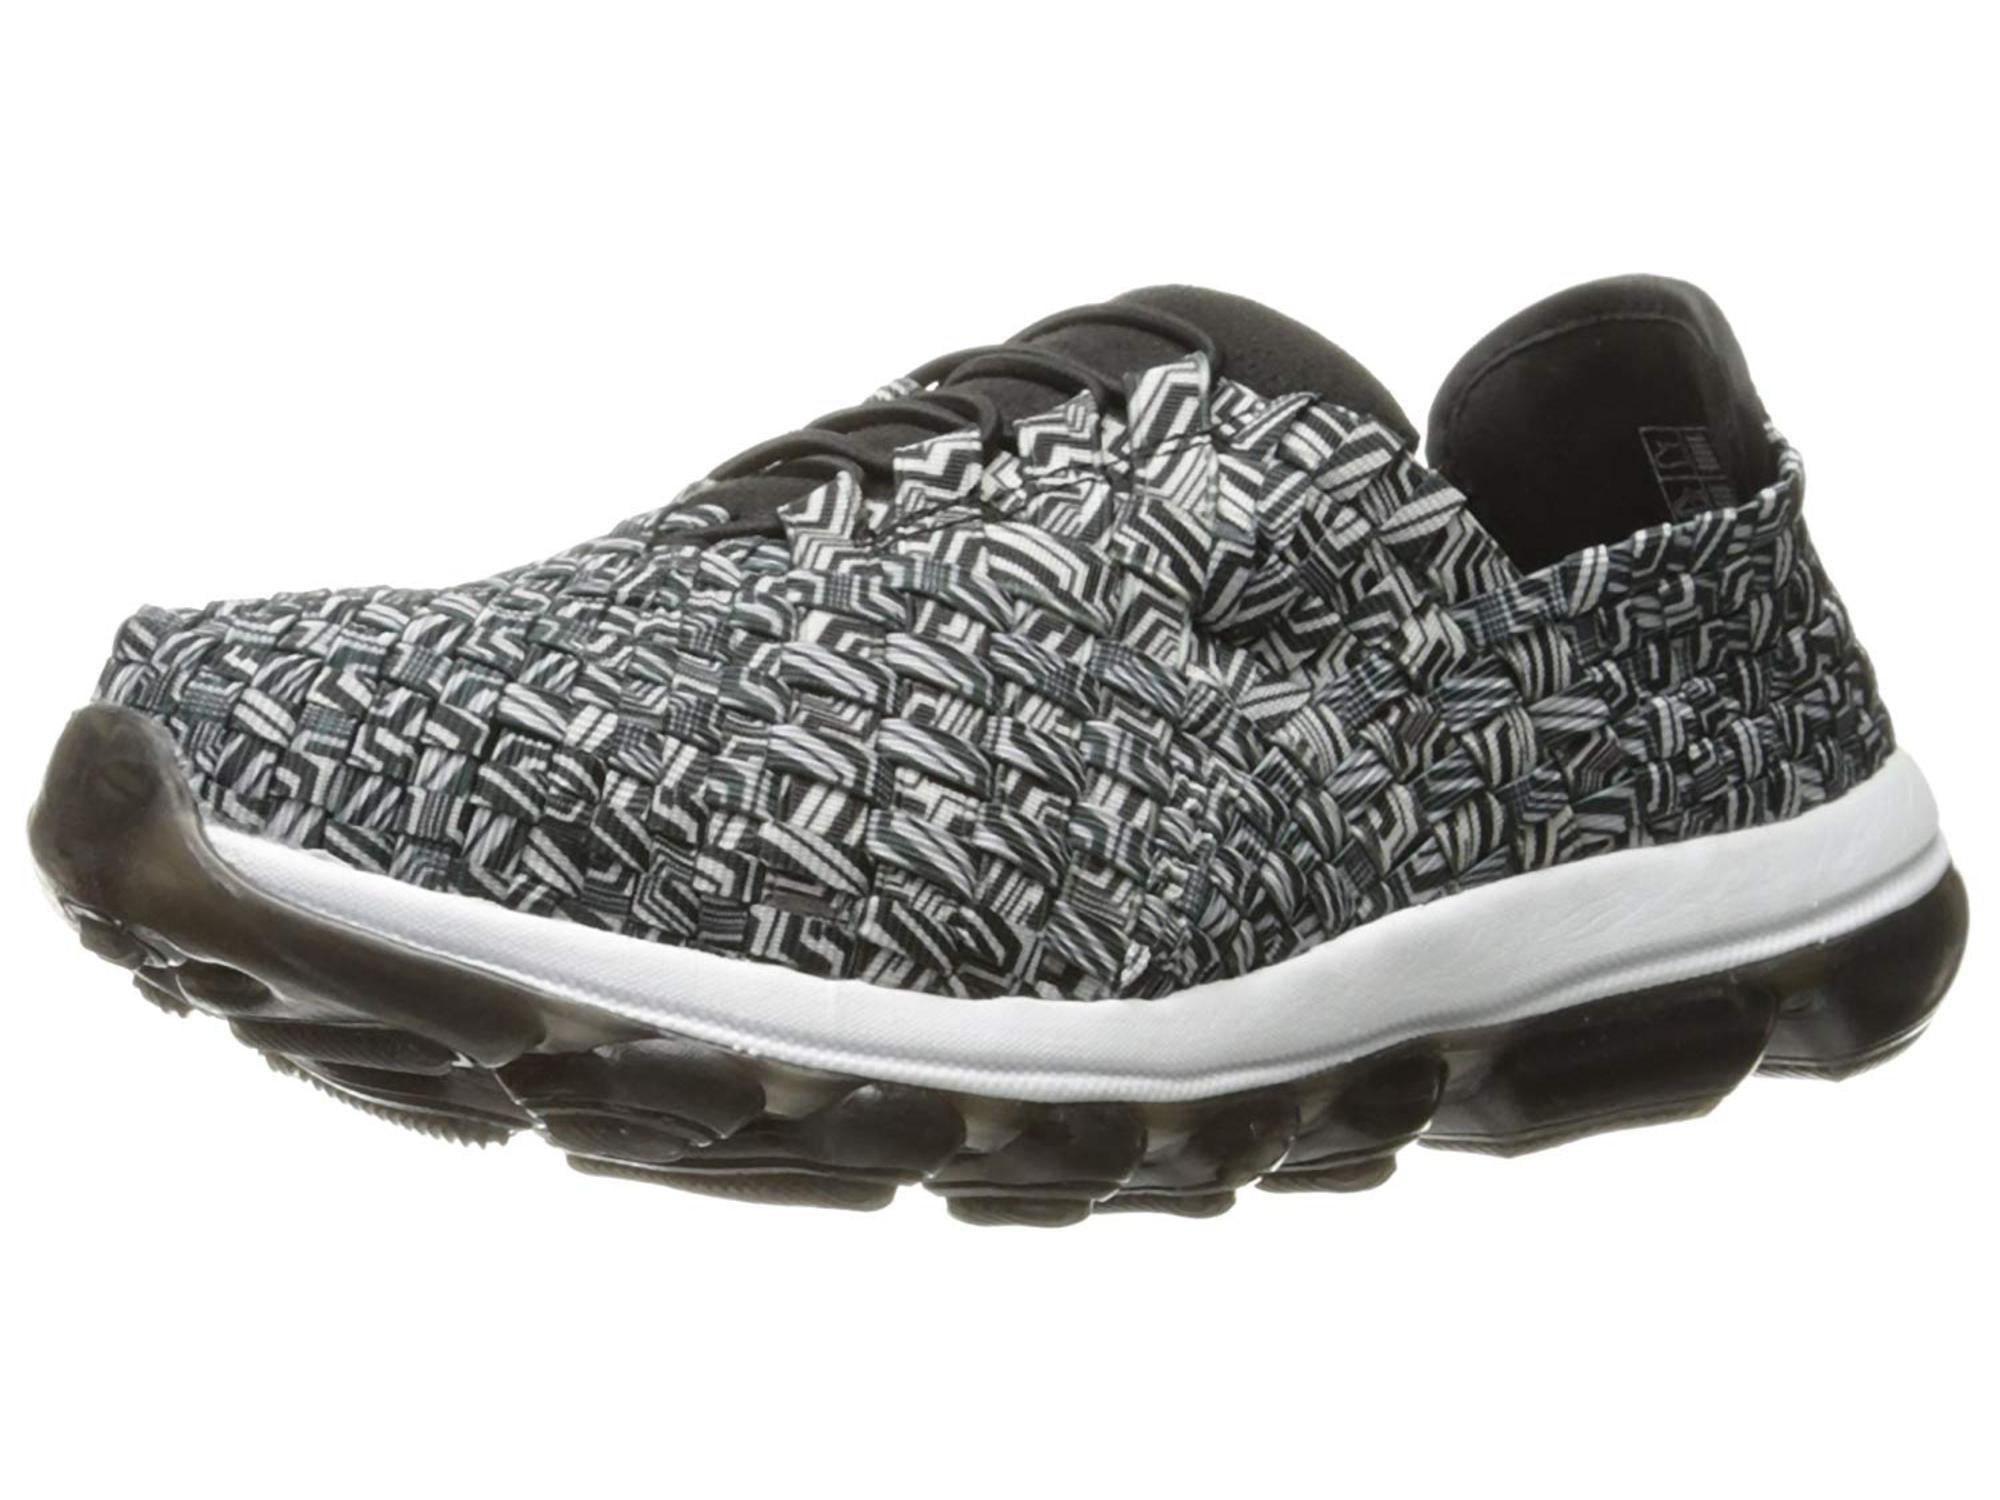 Bernie Mev Womens Gummies Victoria Low Top Bungee Running Sneaker by Bernie Mev